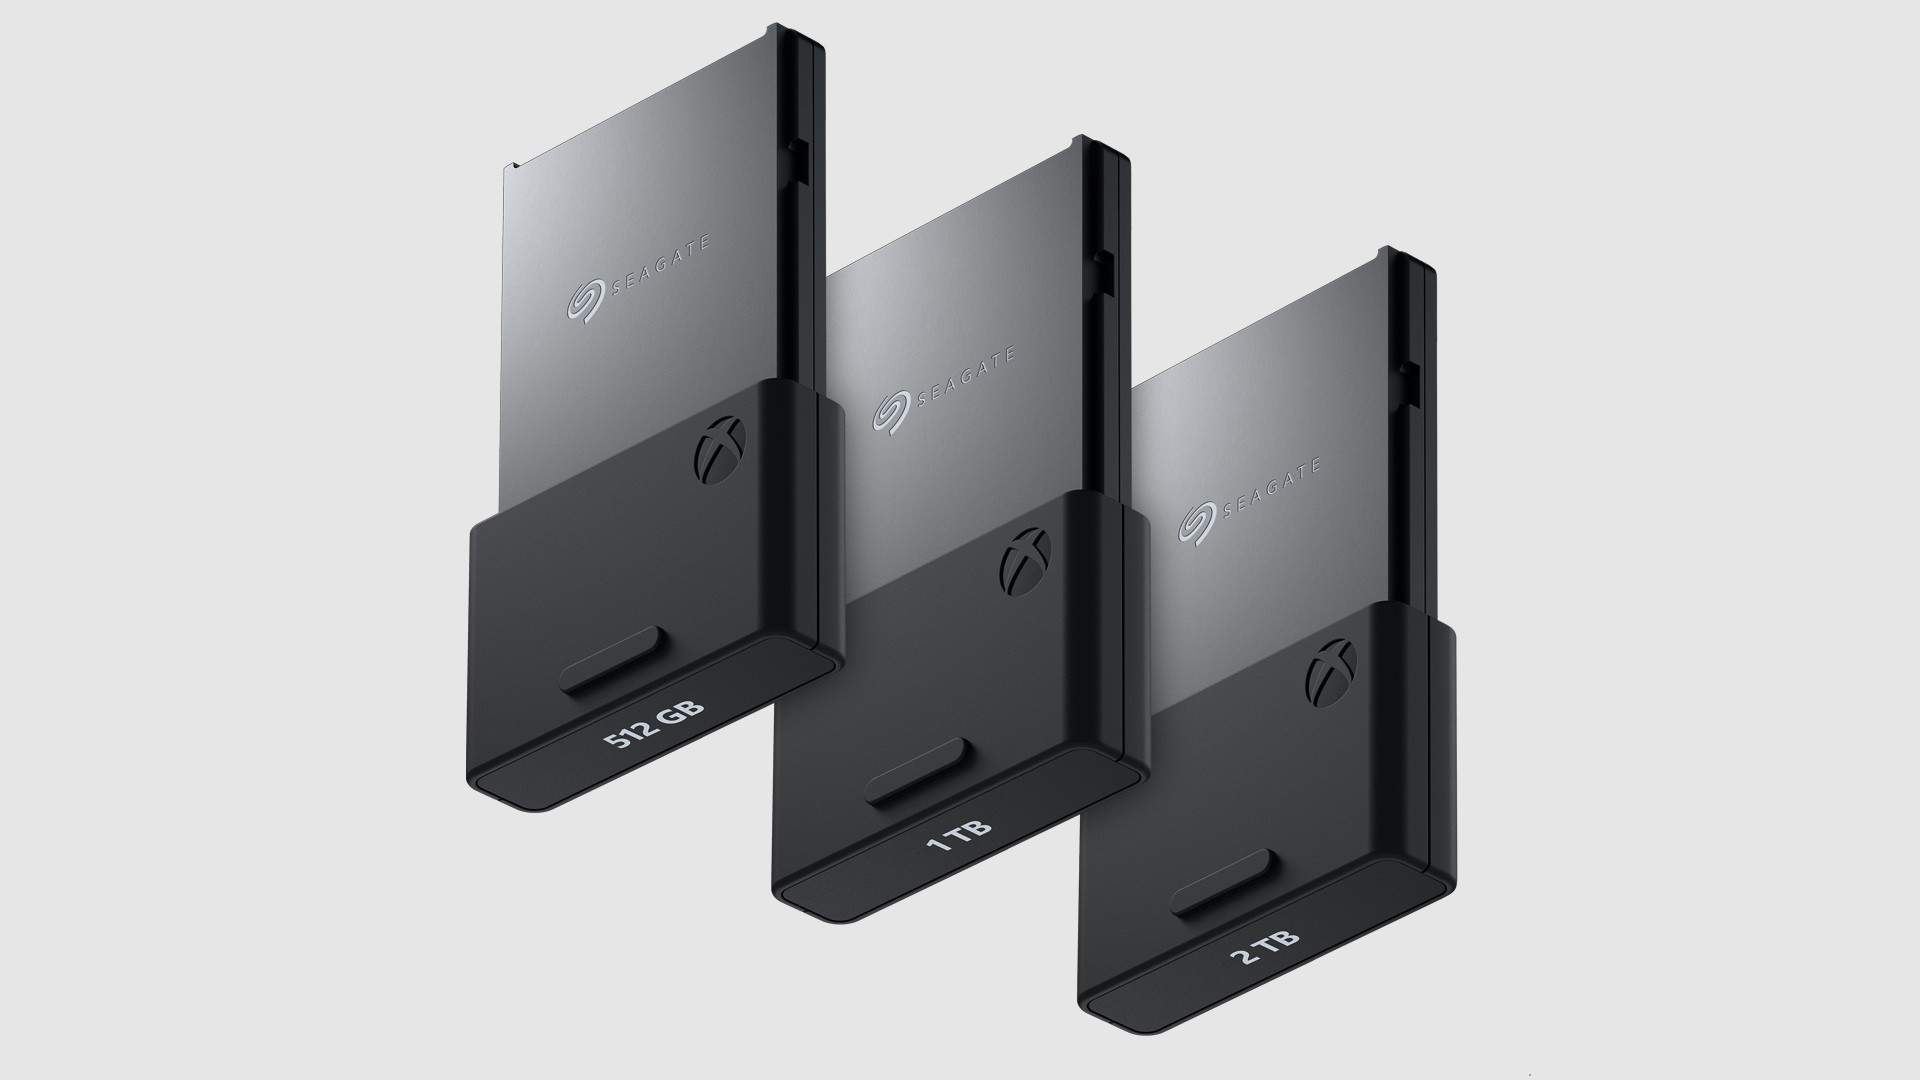 nuevas tarjetas de expansión de memoria para Xbox Series X|S